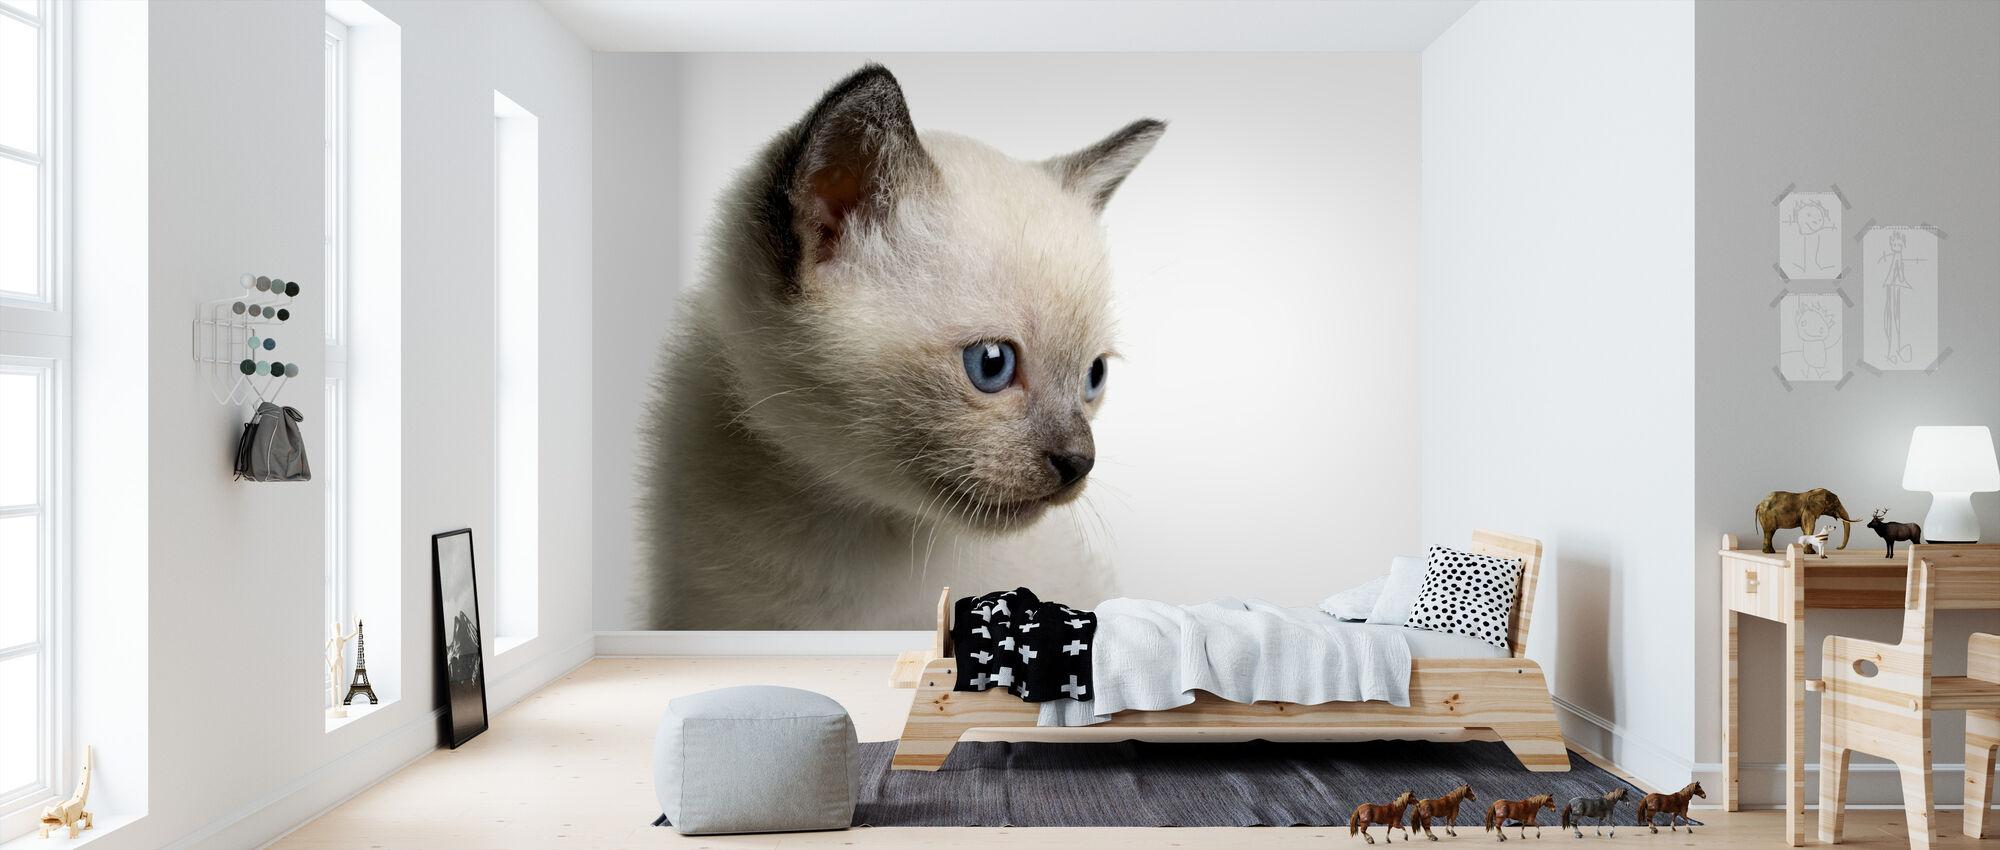 Blue Eyed Kitten - Wallpaper - Kids Room